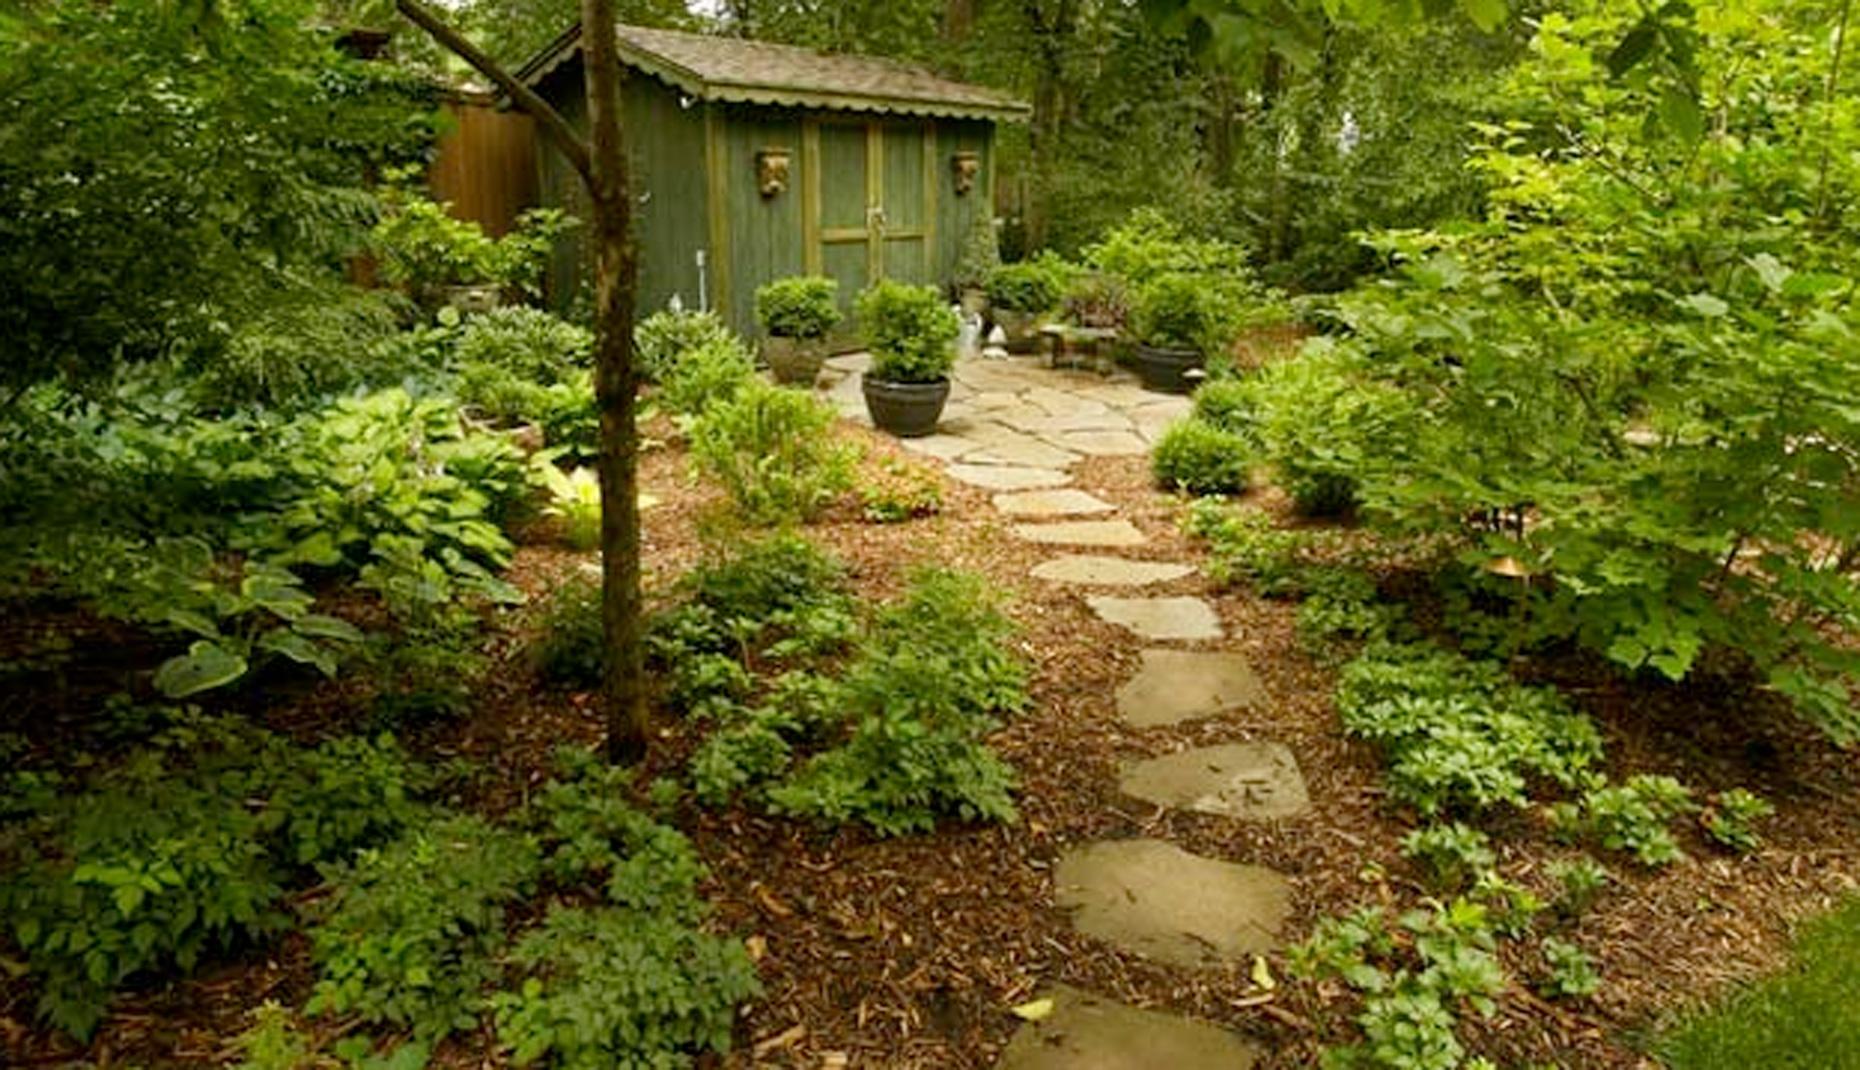 Photo courtesy of Sage Landscape Design